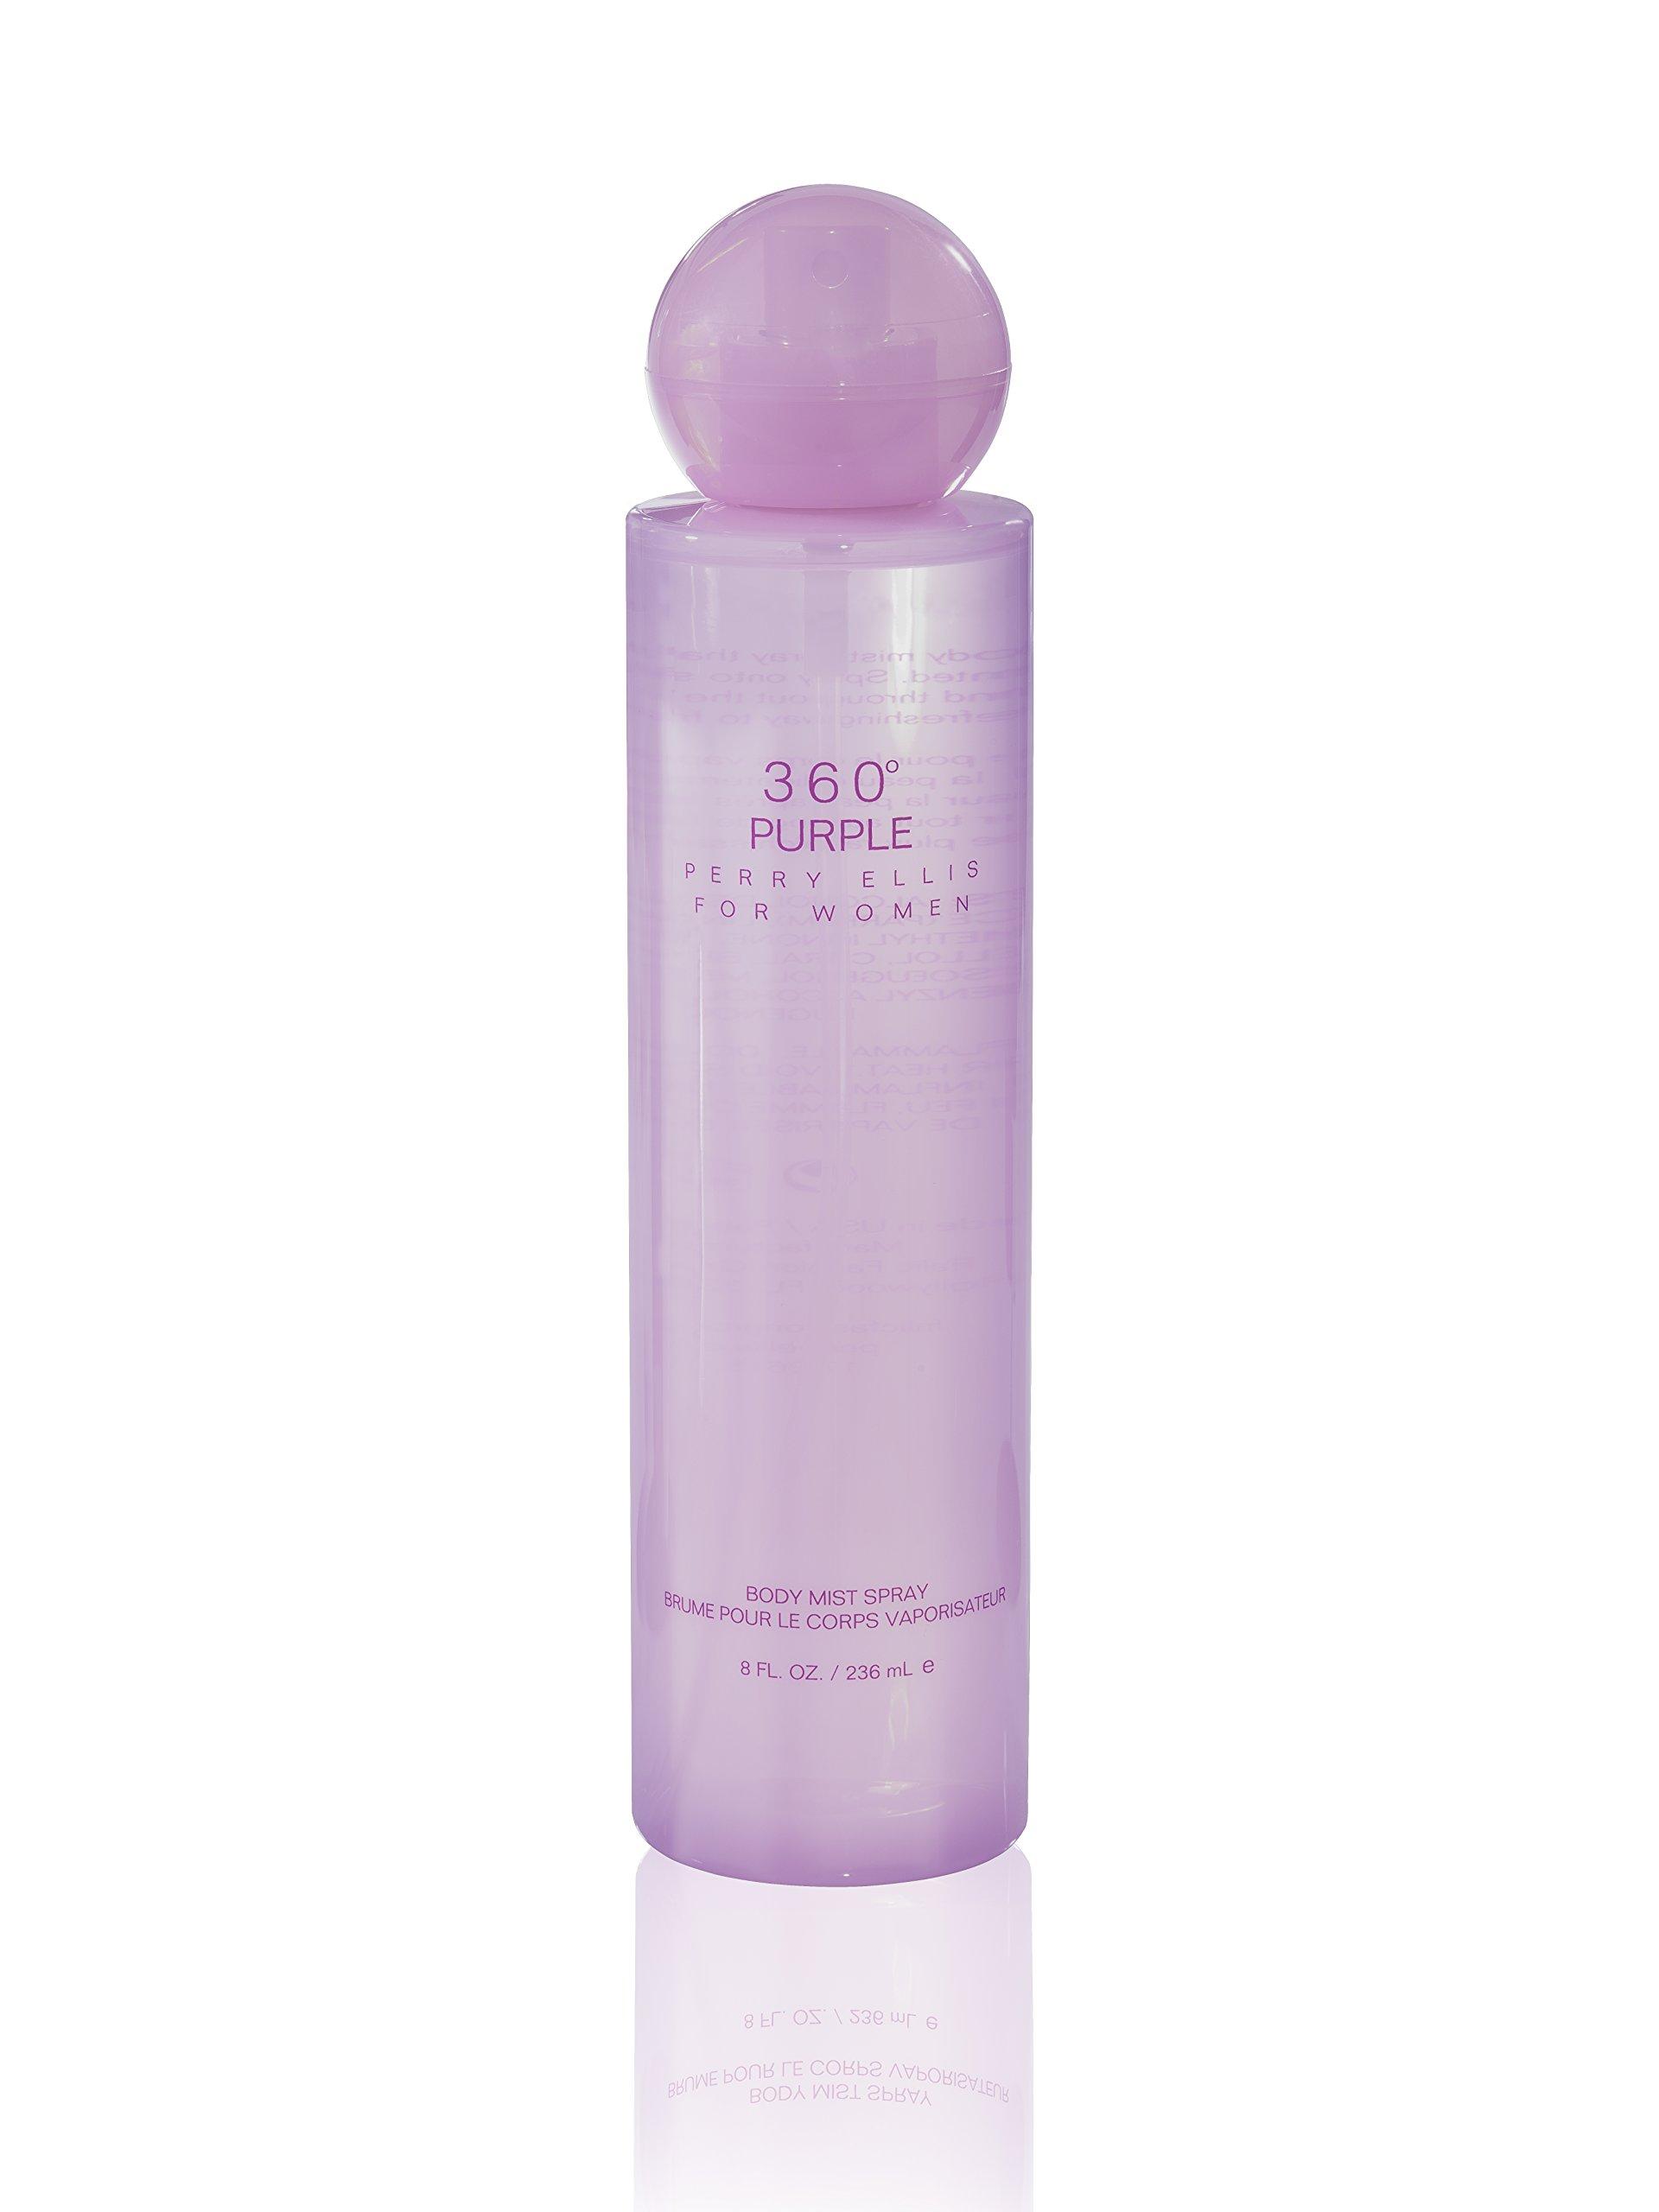 Perry Ellis 360 Purple for Women, 8.0 fl oz Body Mist